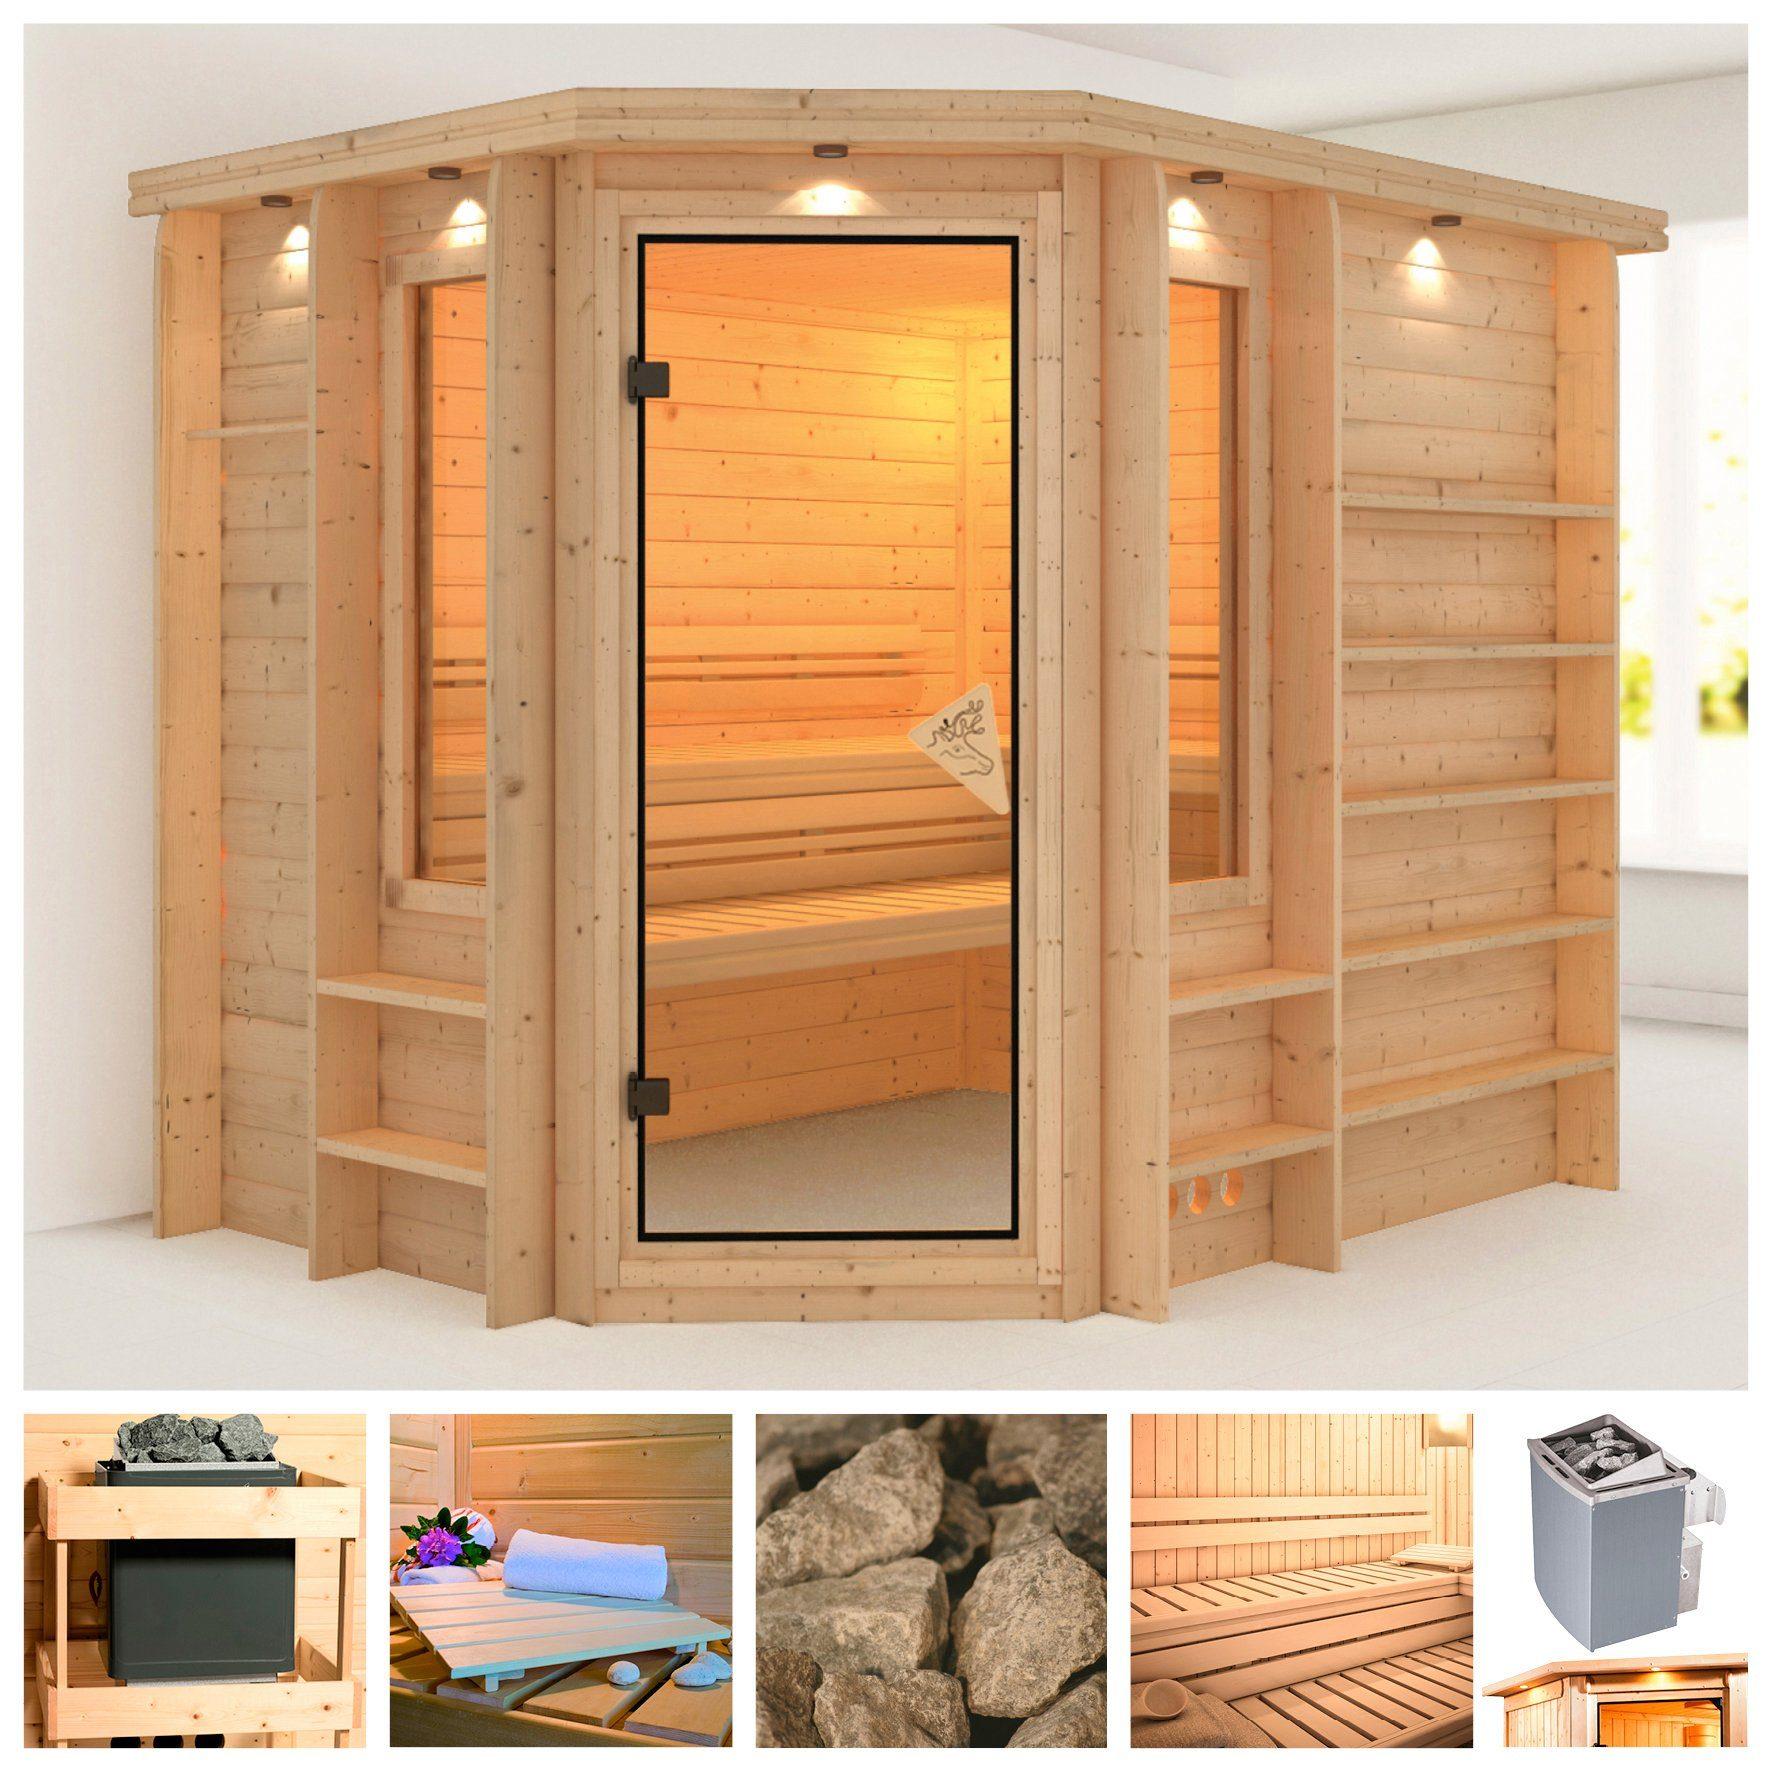 KARIBU Sauna »Riona«, 264/198/212 cm, 40 mm, 9-kW-Ofen mit int. Steuerung